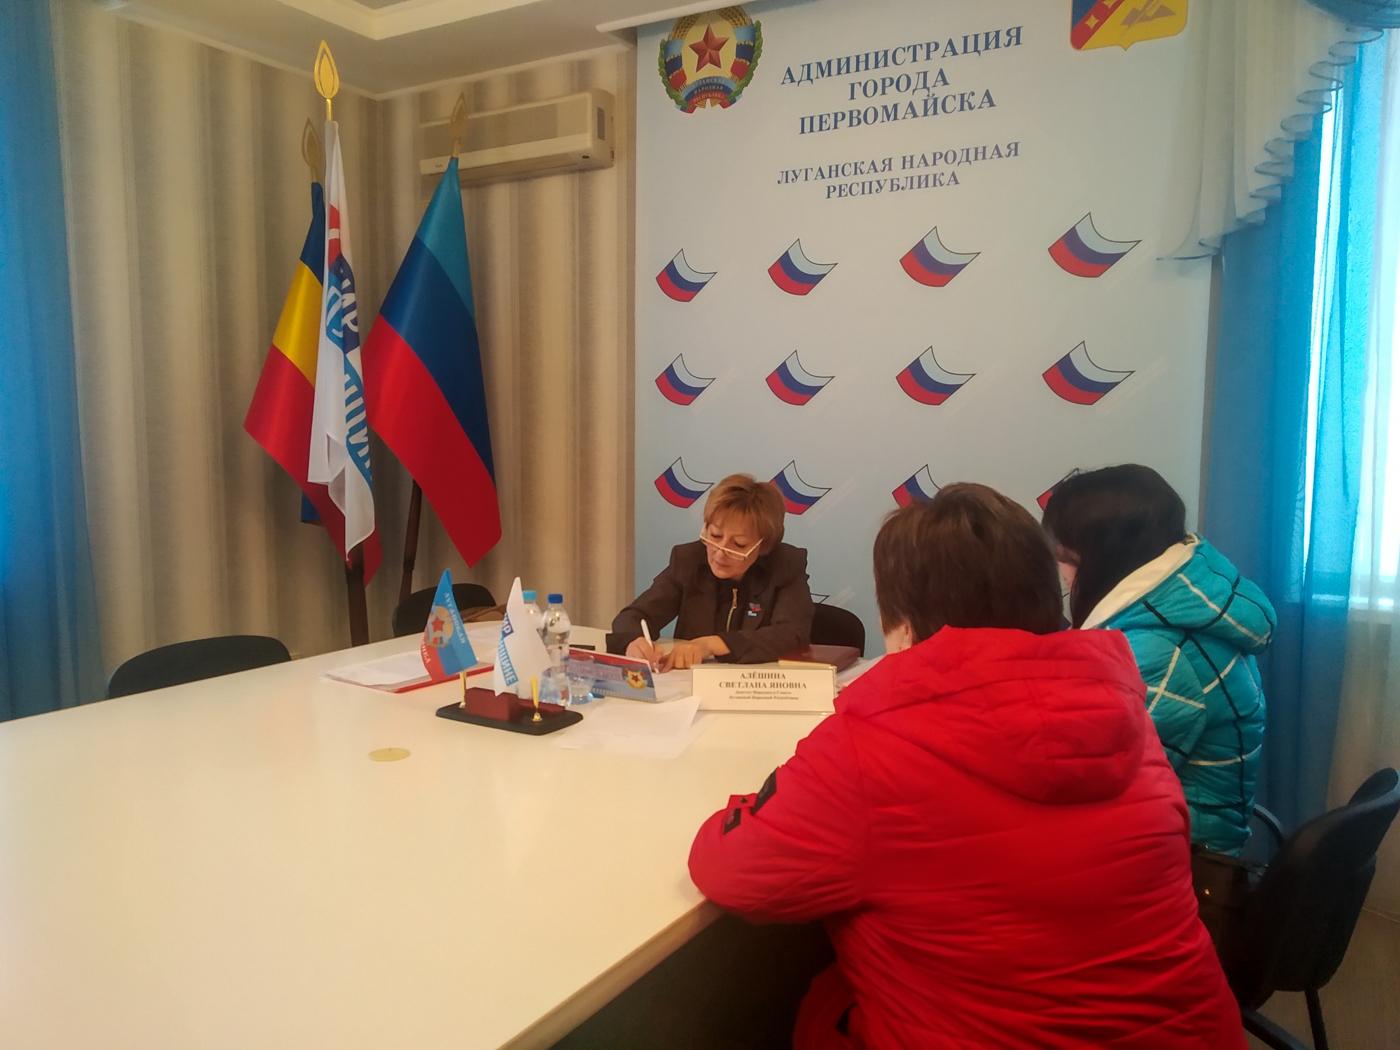 Светлана Алешина встретилась с жителями Первомайска